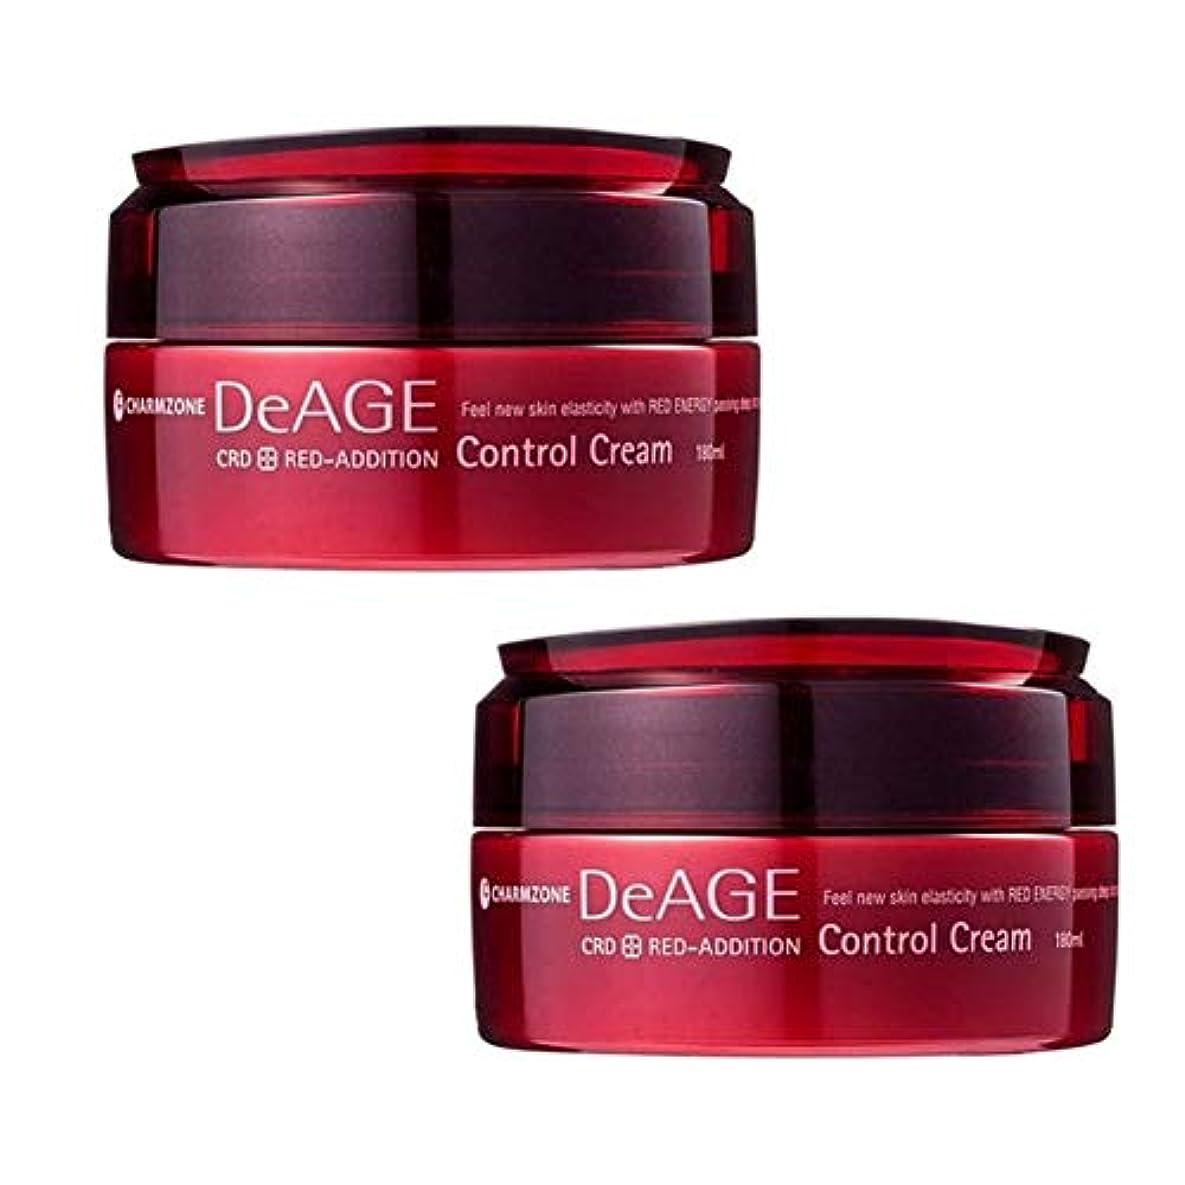 農業のブルーベル町チャムジョンディエイジレッドエディションコントロールクリーム180ml x 2本セットマッサージクリーム、Charmzone DeAGE Red-Addition Control Cream 180ml x 2ea Set...